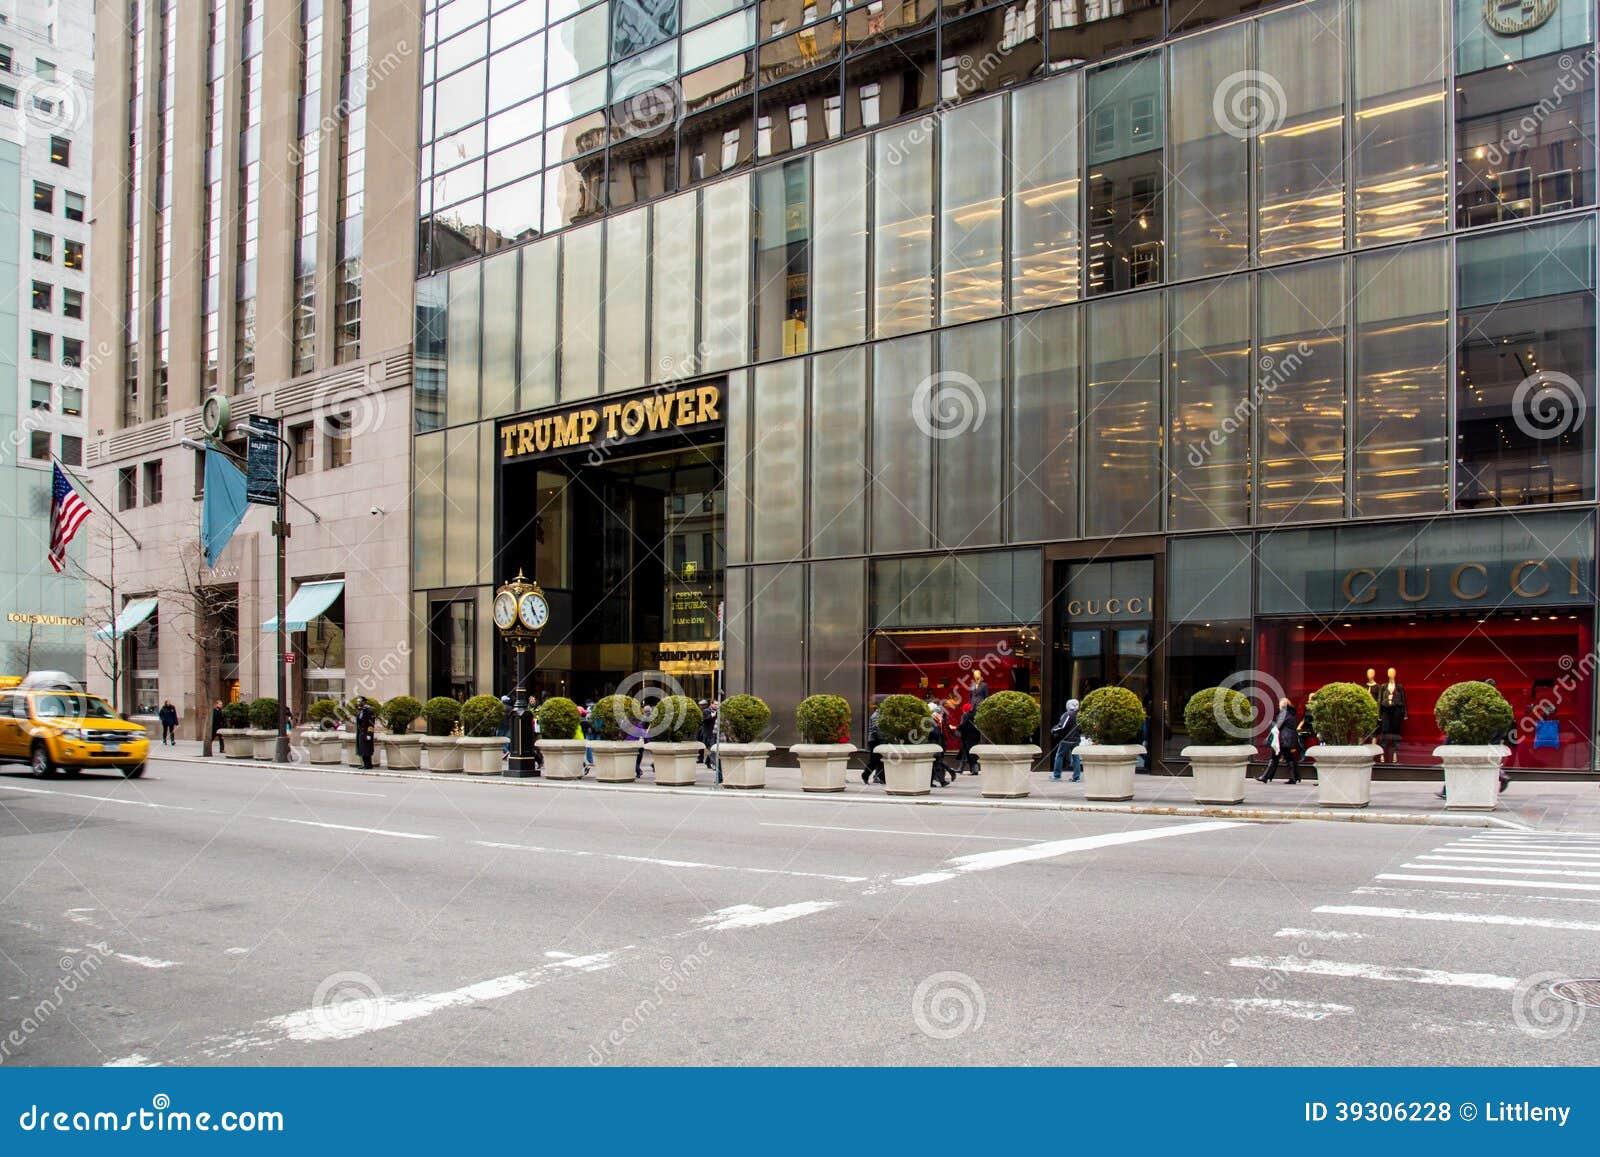 trump tower fifth avenue gucci